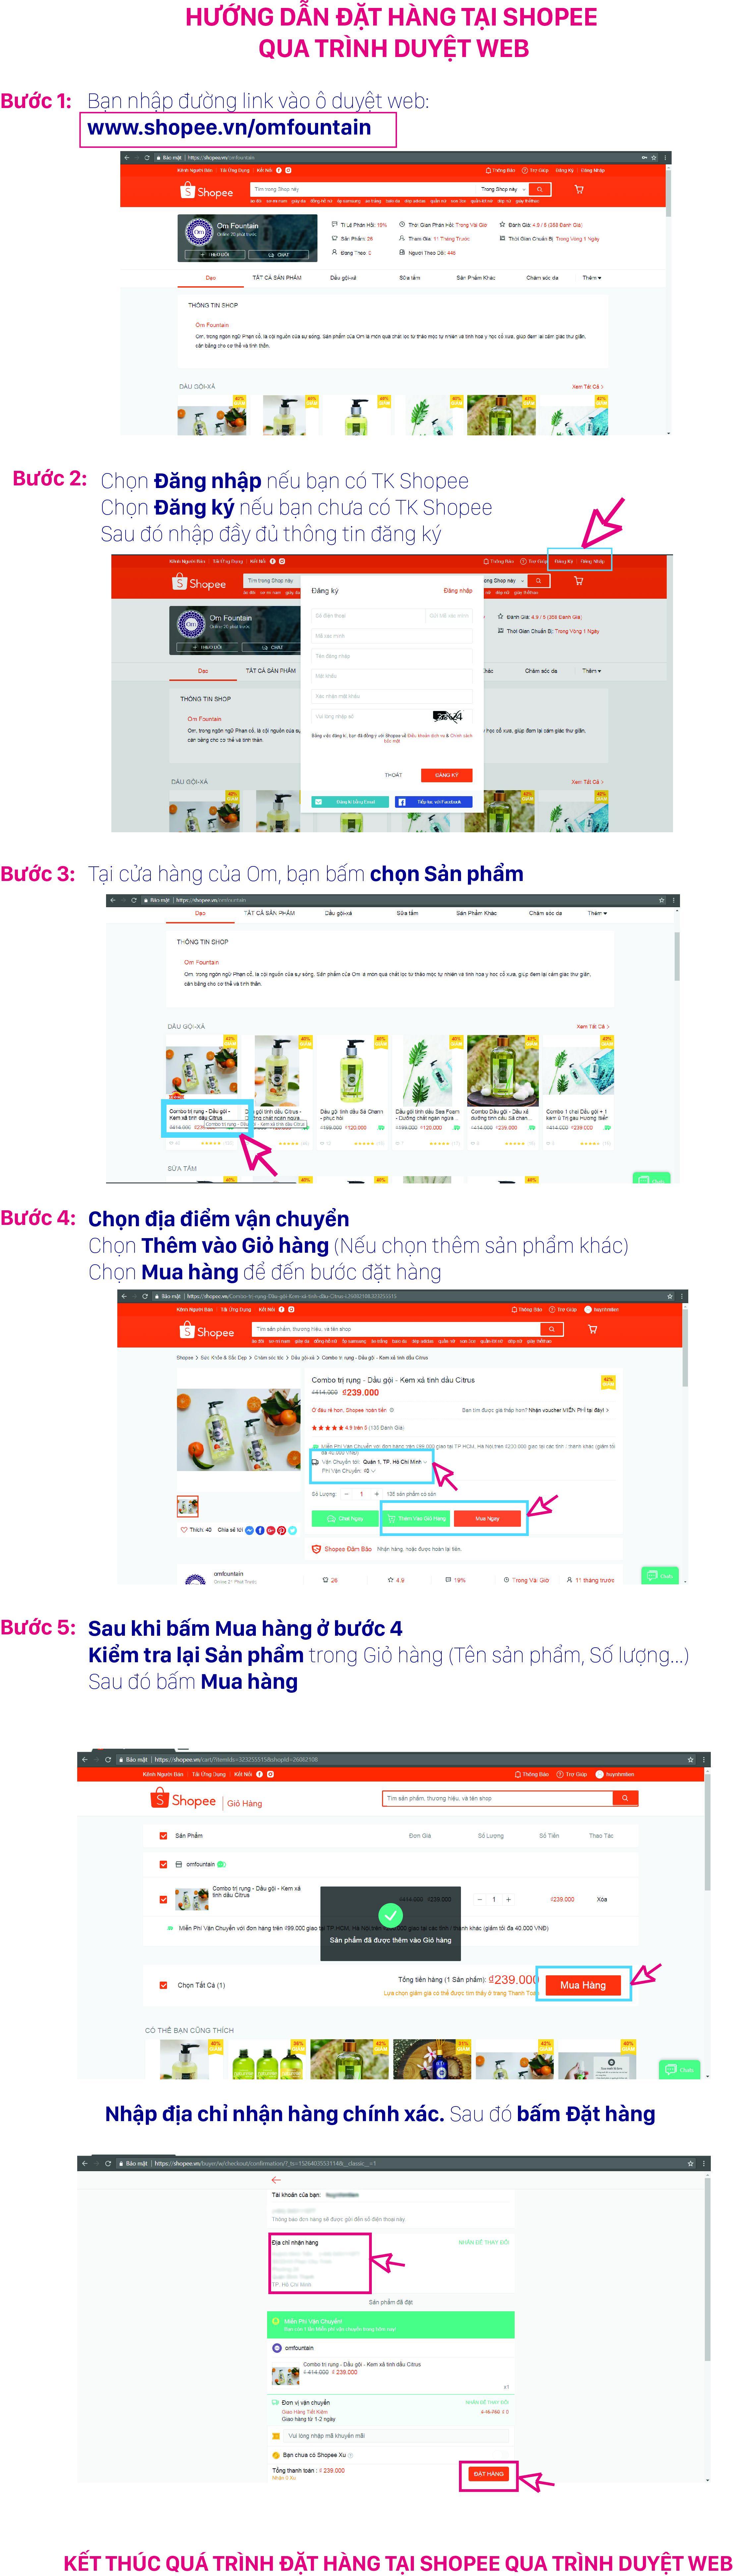 Hướng dẫn đặt hàng tại Shopee qua trình duyệt WEB